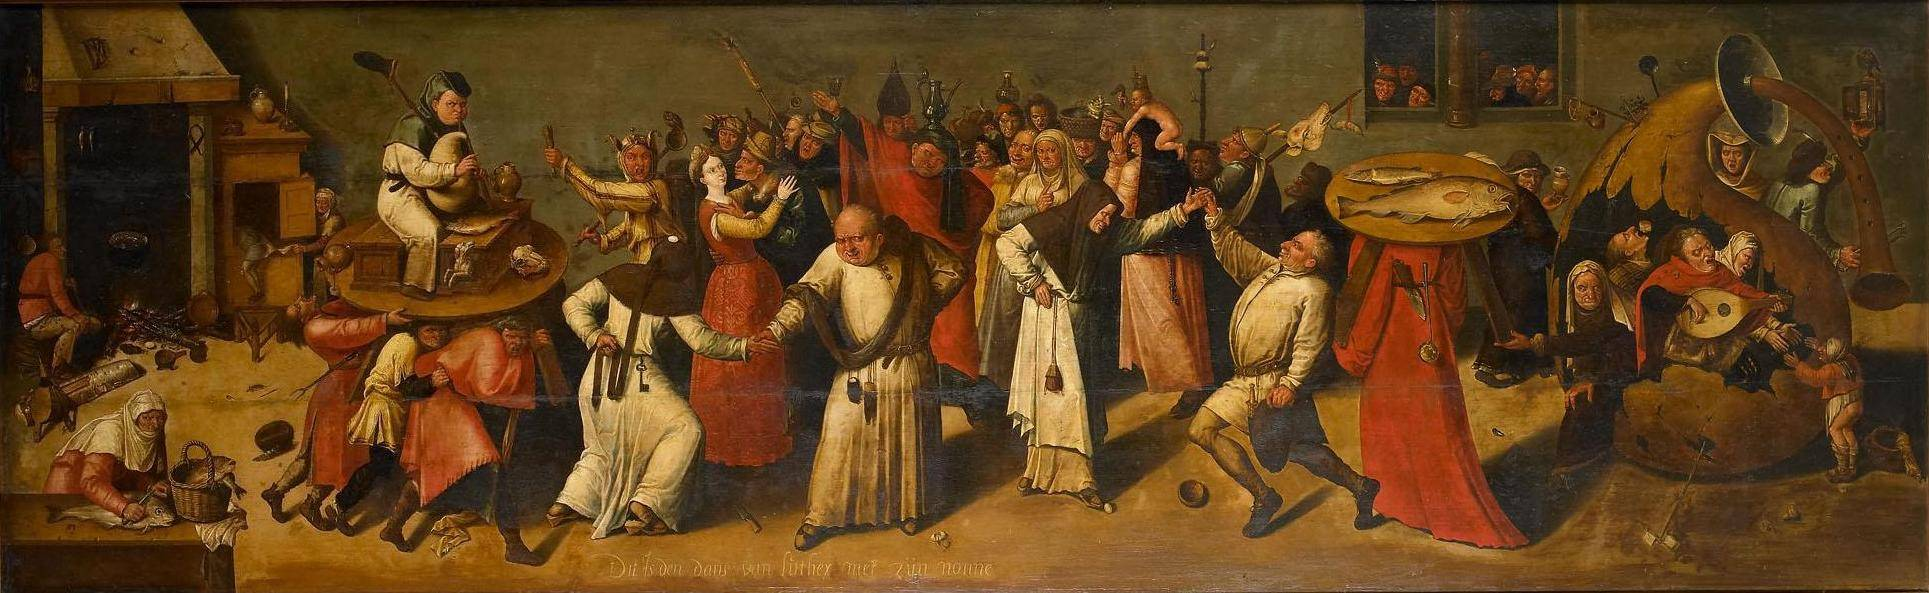 Navolger Hieronymus Bosch, De strijd tussen Carnaval en vasten